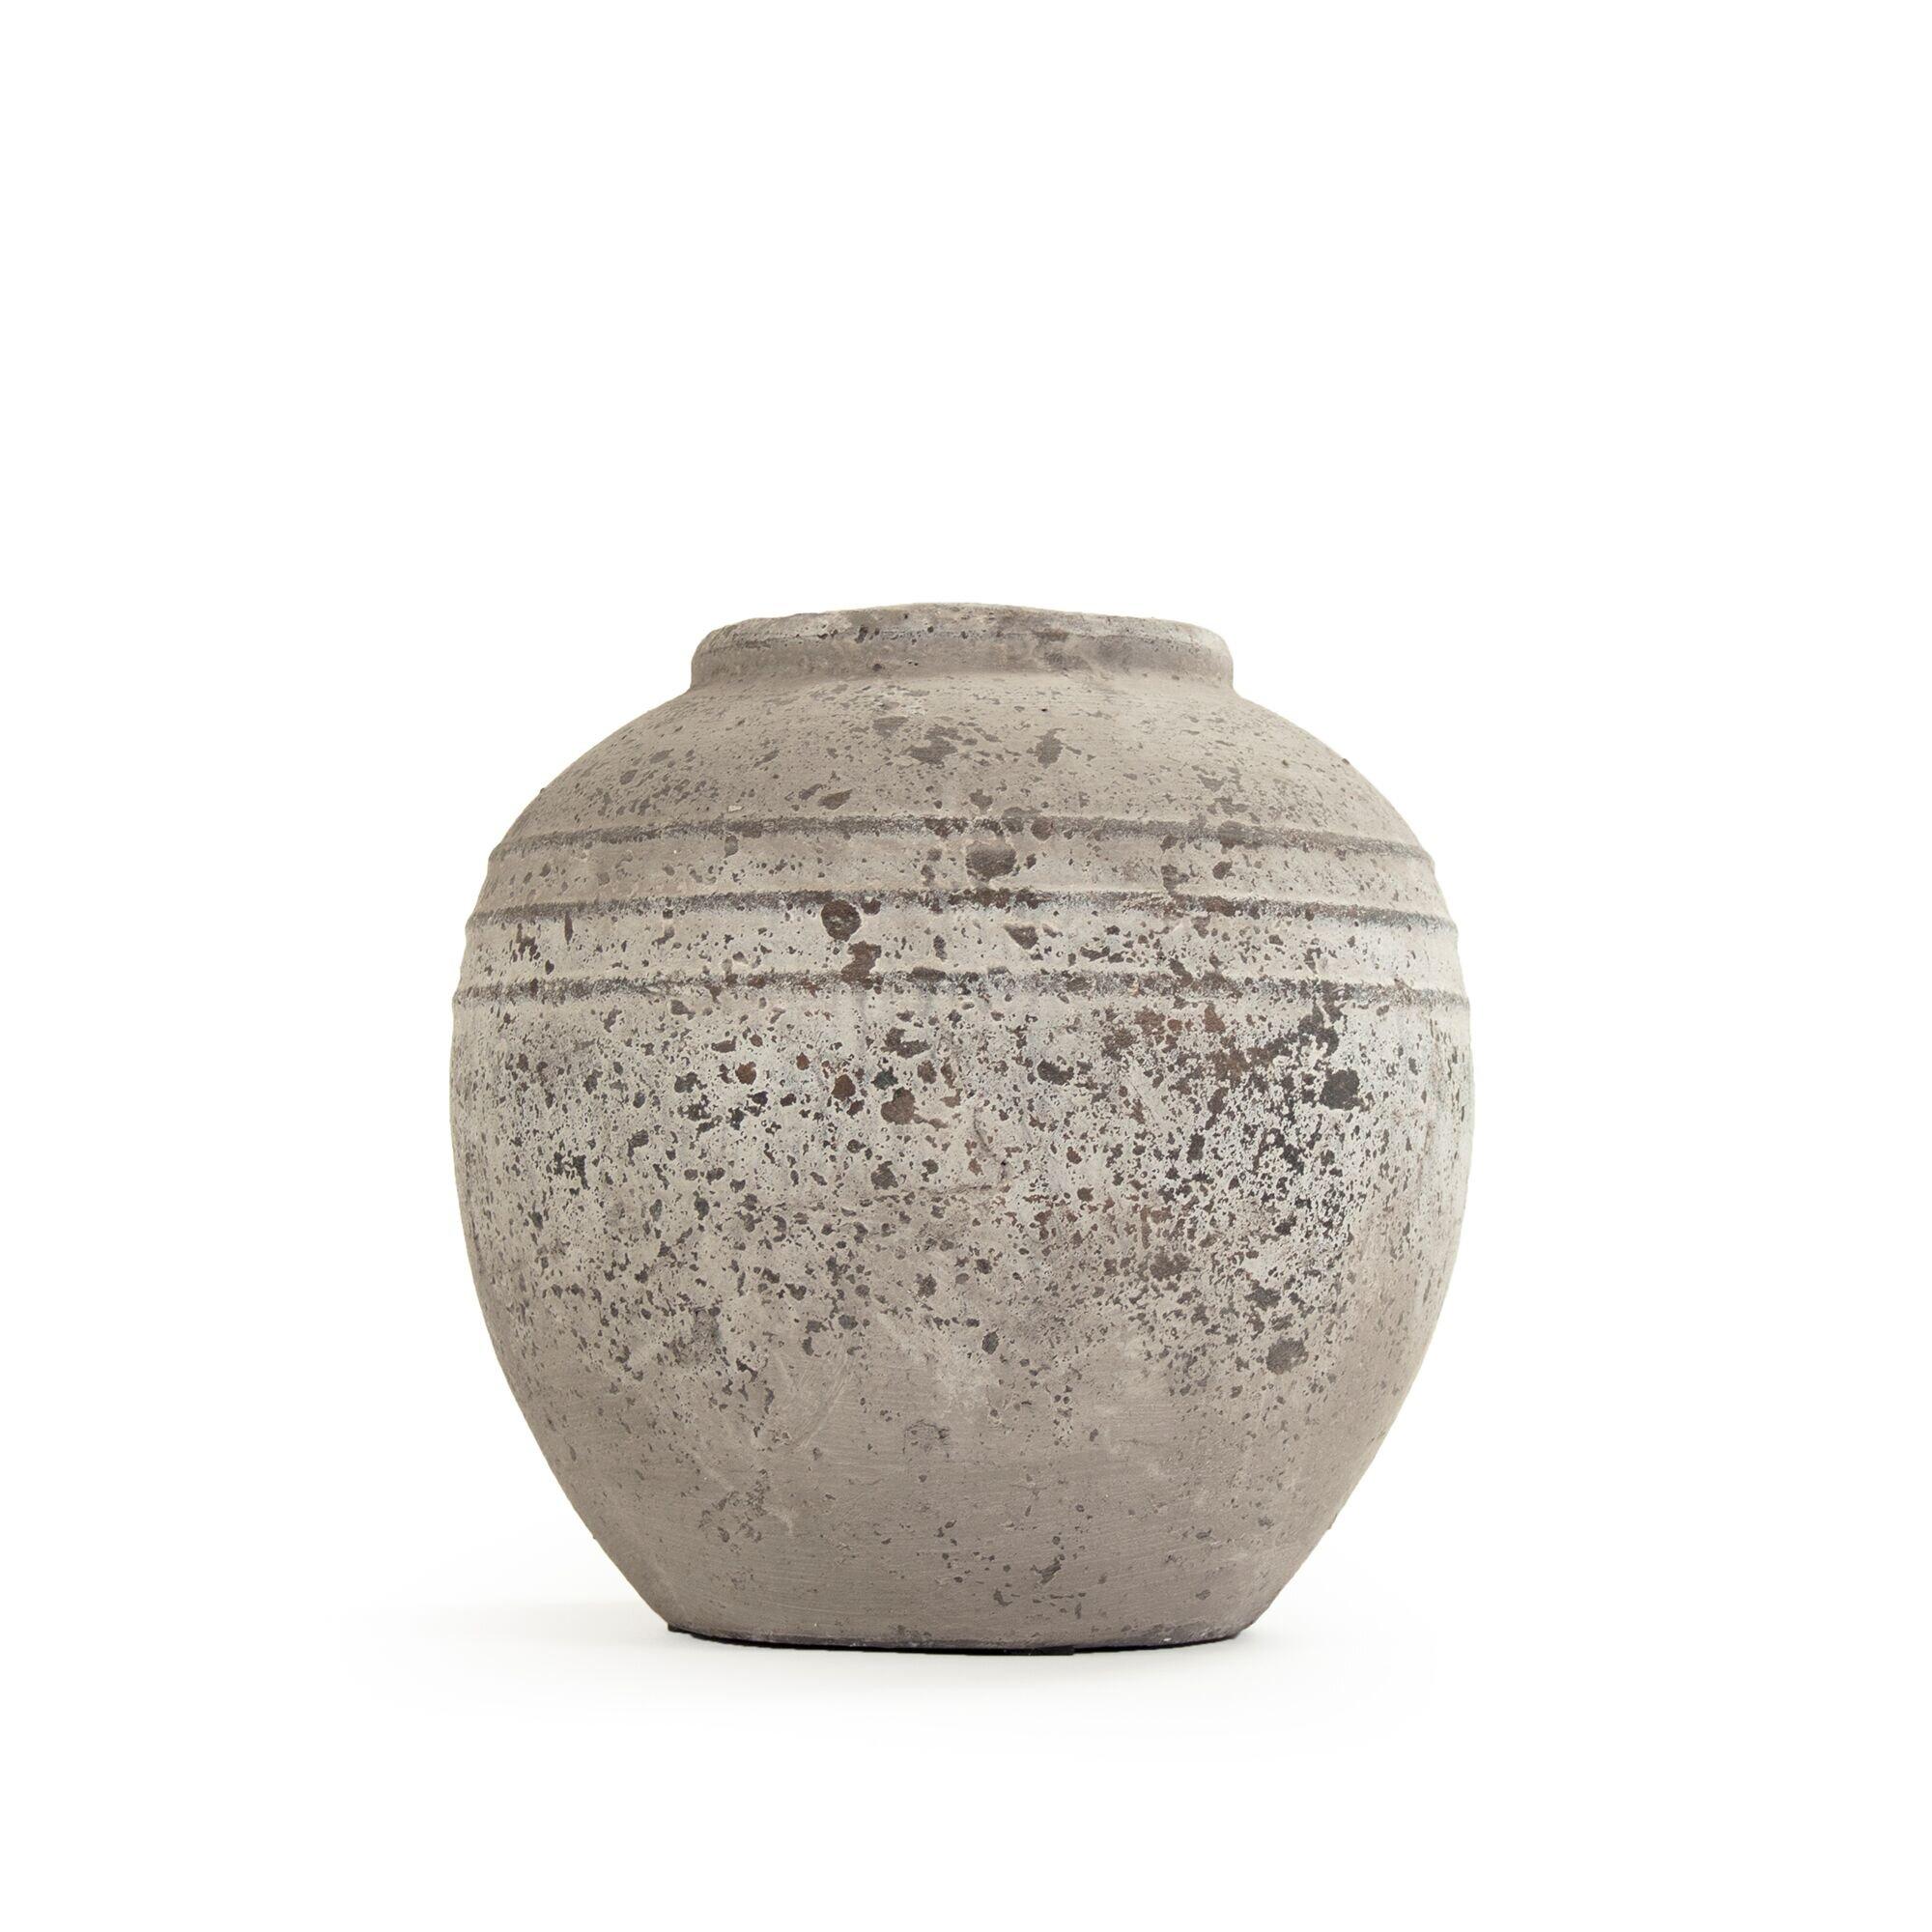 Brown Urns Jars Vases Urns Jars Bottles You Ll Love In 2021 Wayfair